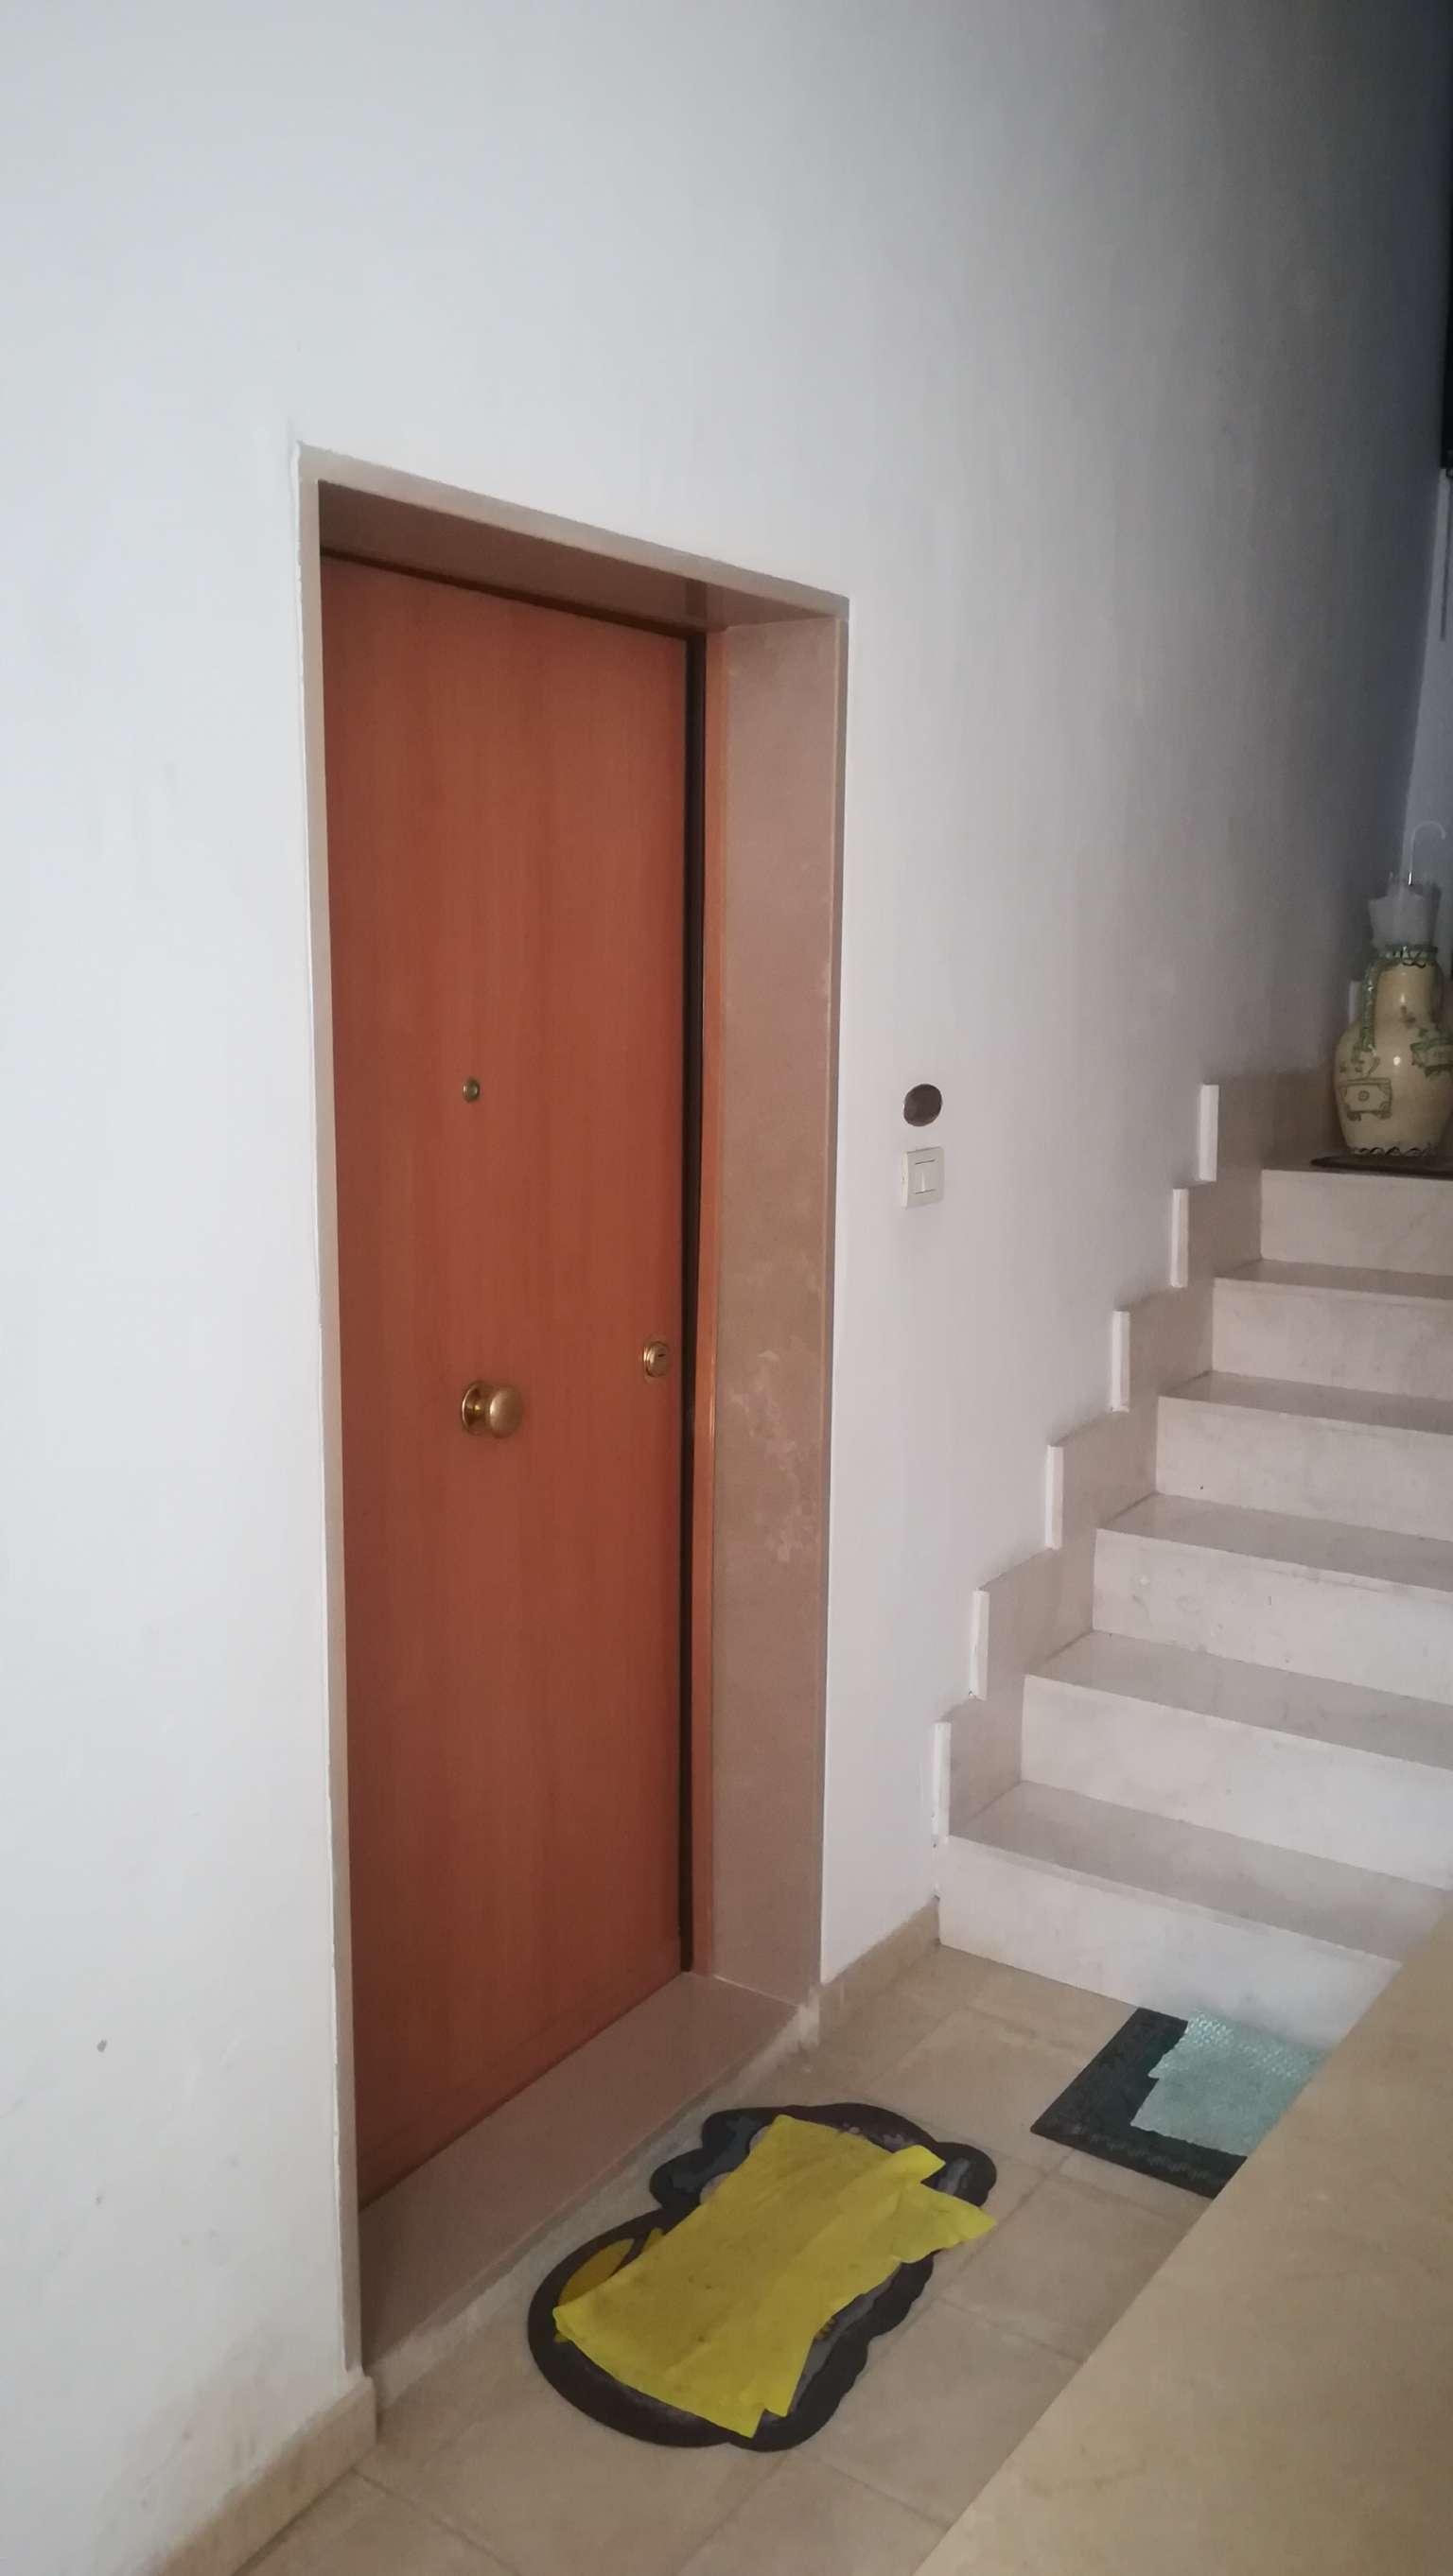 Appartamento in vendita a Bisceglie, 2 locali, prezzo € 100.000   CambioCasa.it